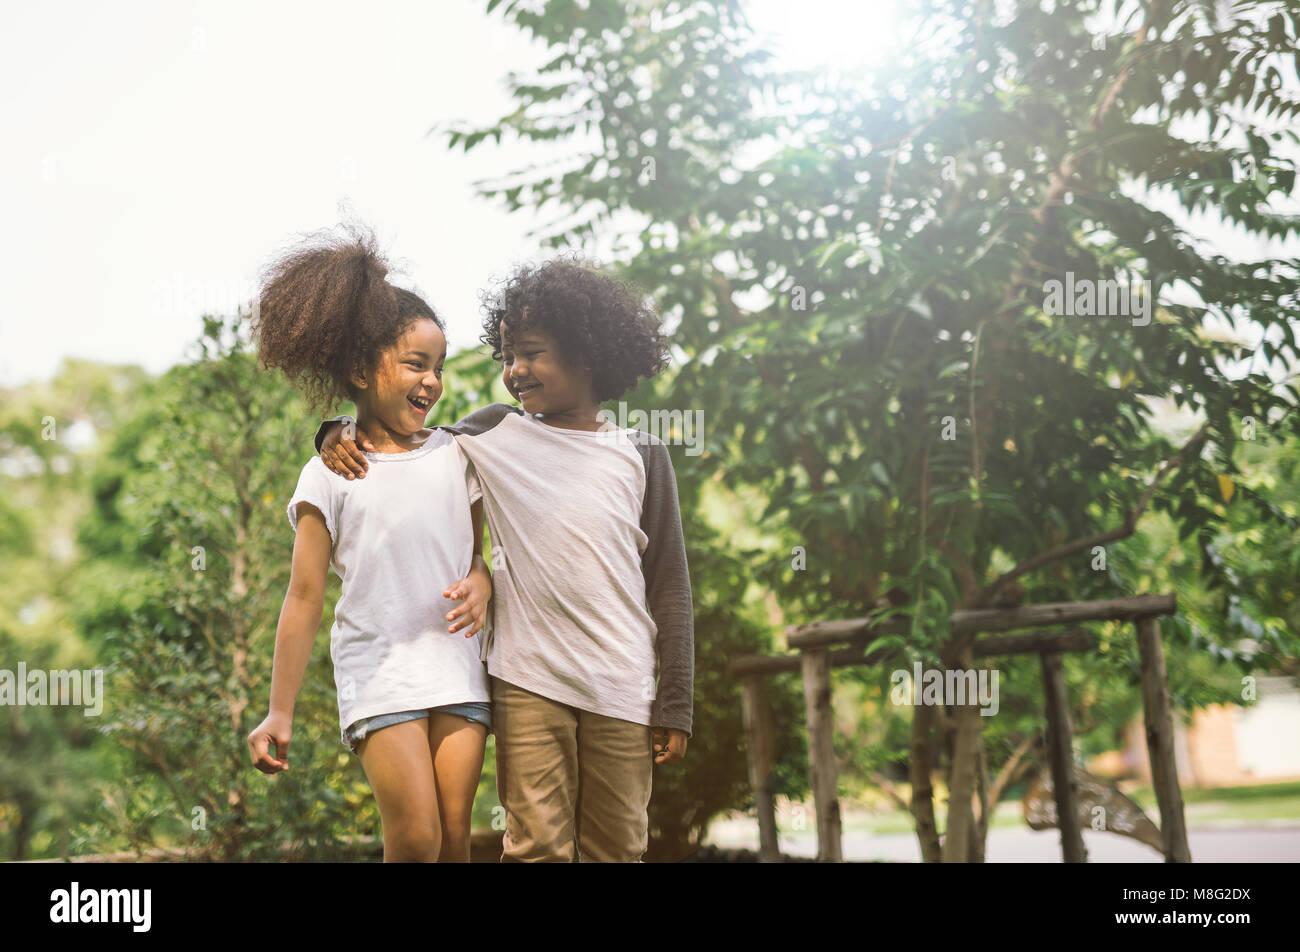 Bambini amicizia stare insieme sorridente felicità concetto.carino americano africano piccolo ragazzo e ragazza Immagini Stock